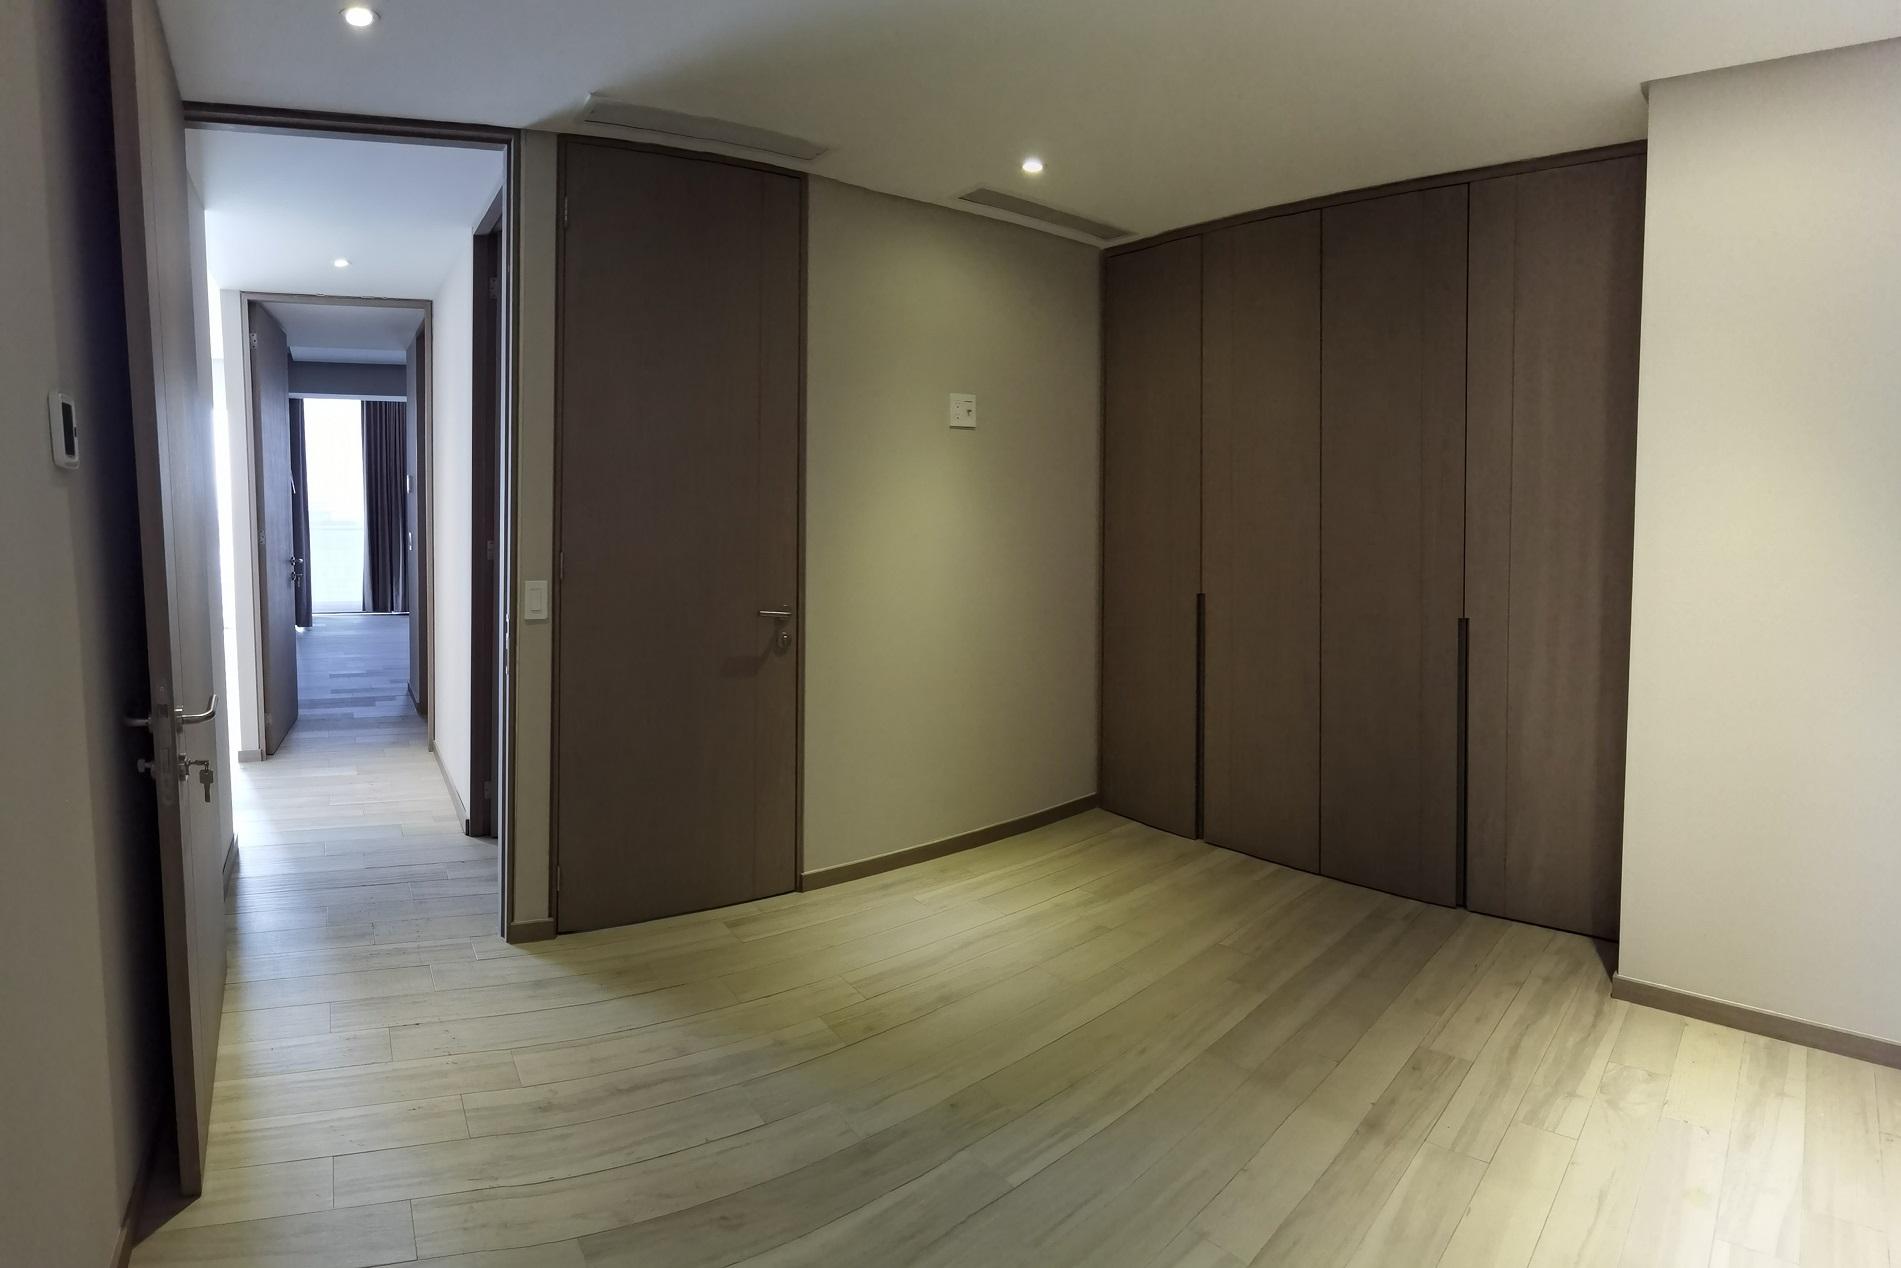 Depa EN RENTA 2 recamaras, CITITOWER, piso 16 $20,000,000